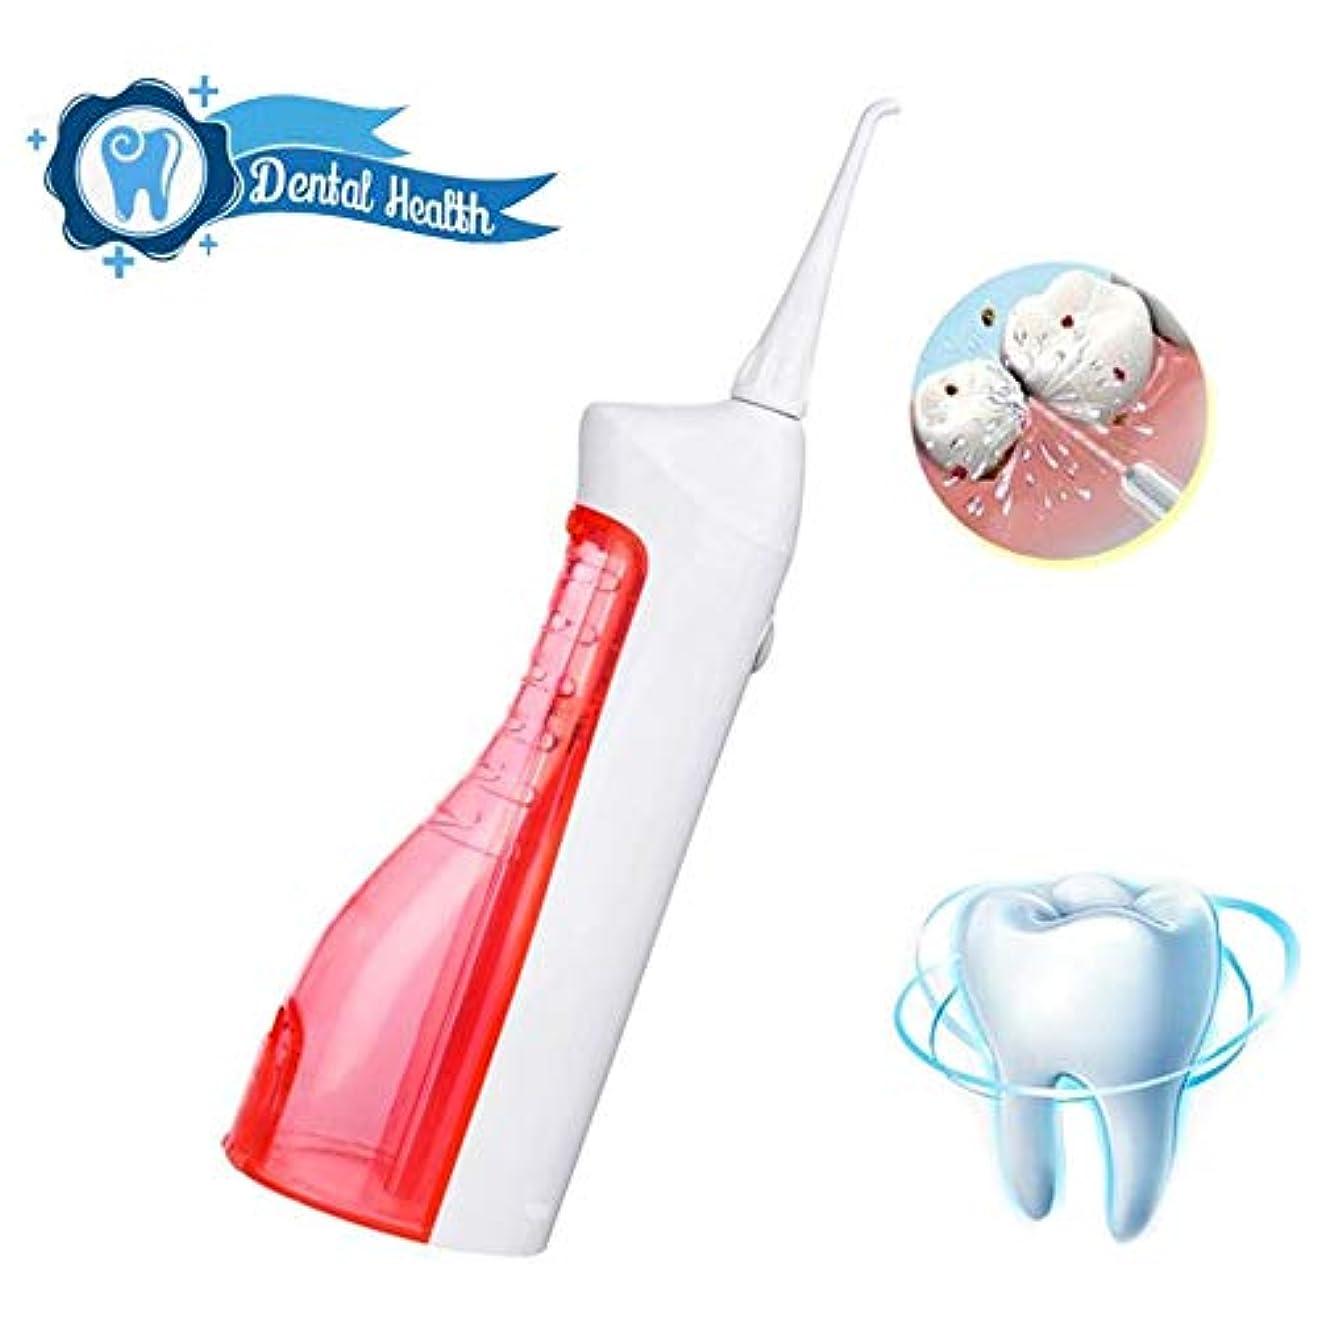 胚エロチックドレス歯のためのウォーターフロッサー、ポータブルプロフェッショナルコードレス歯科口腔灌漑器(150mlタンク、2本のジェットチップ付き)歯磨き粉用クリーナー、2つのクリーニングモード、USB充電式、IPX7